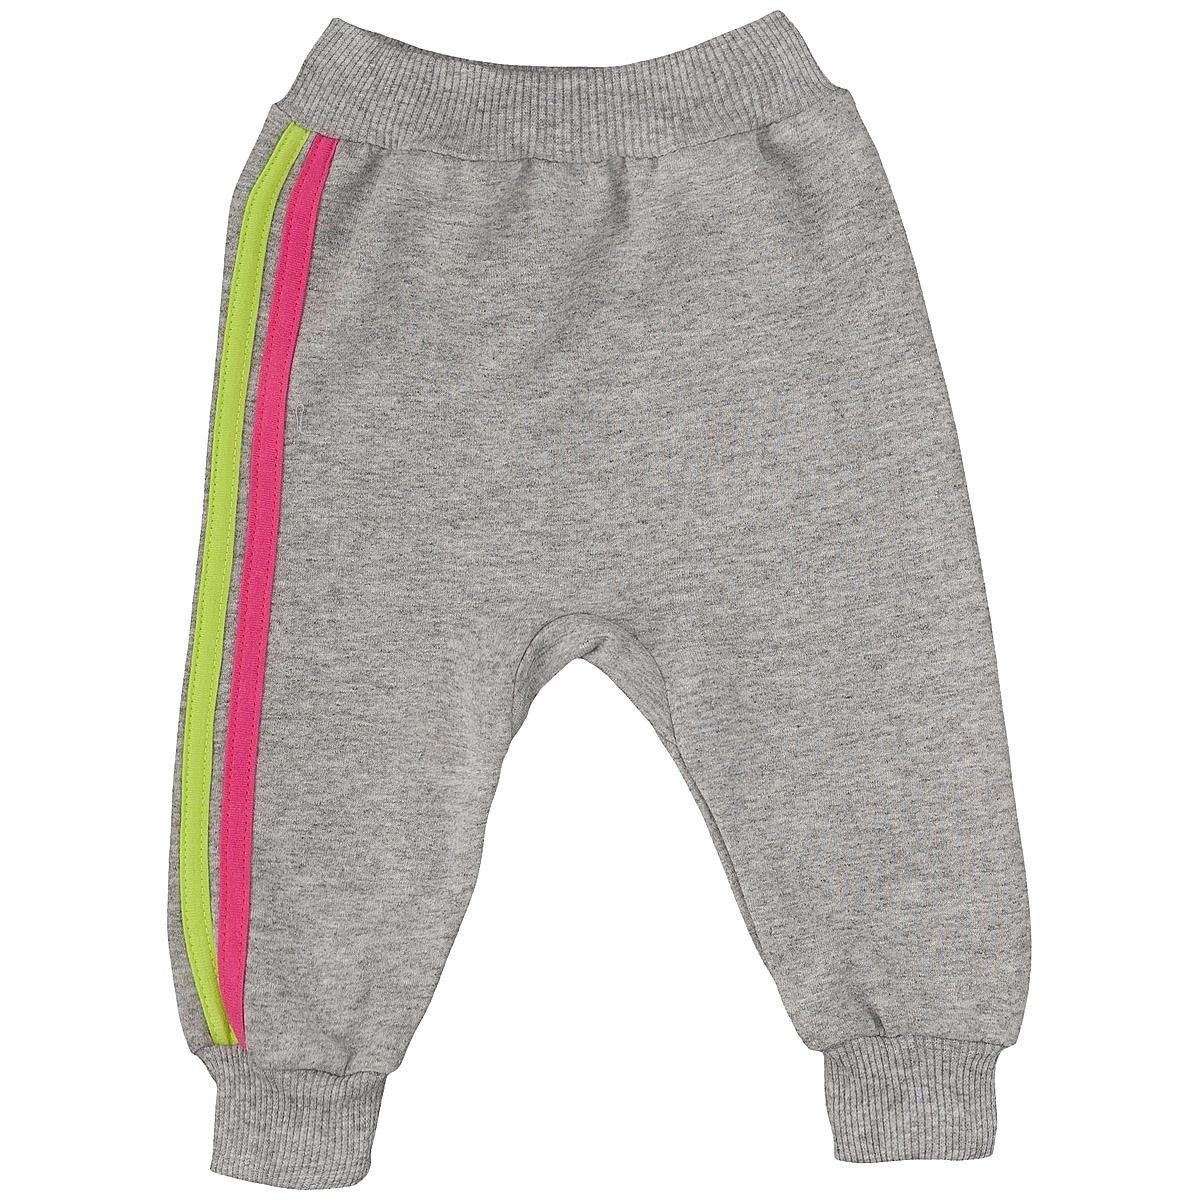 Штанишки на широком поясе Lucky Child, цвет: серый, розовый. 1-14. Размер 86/92